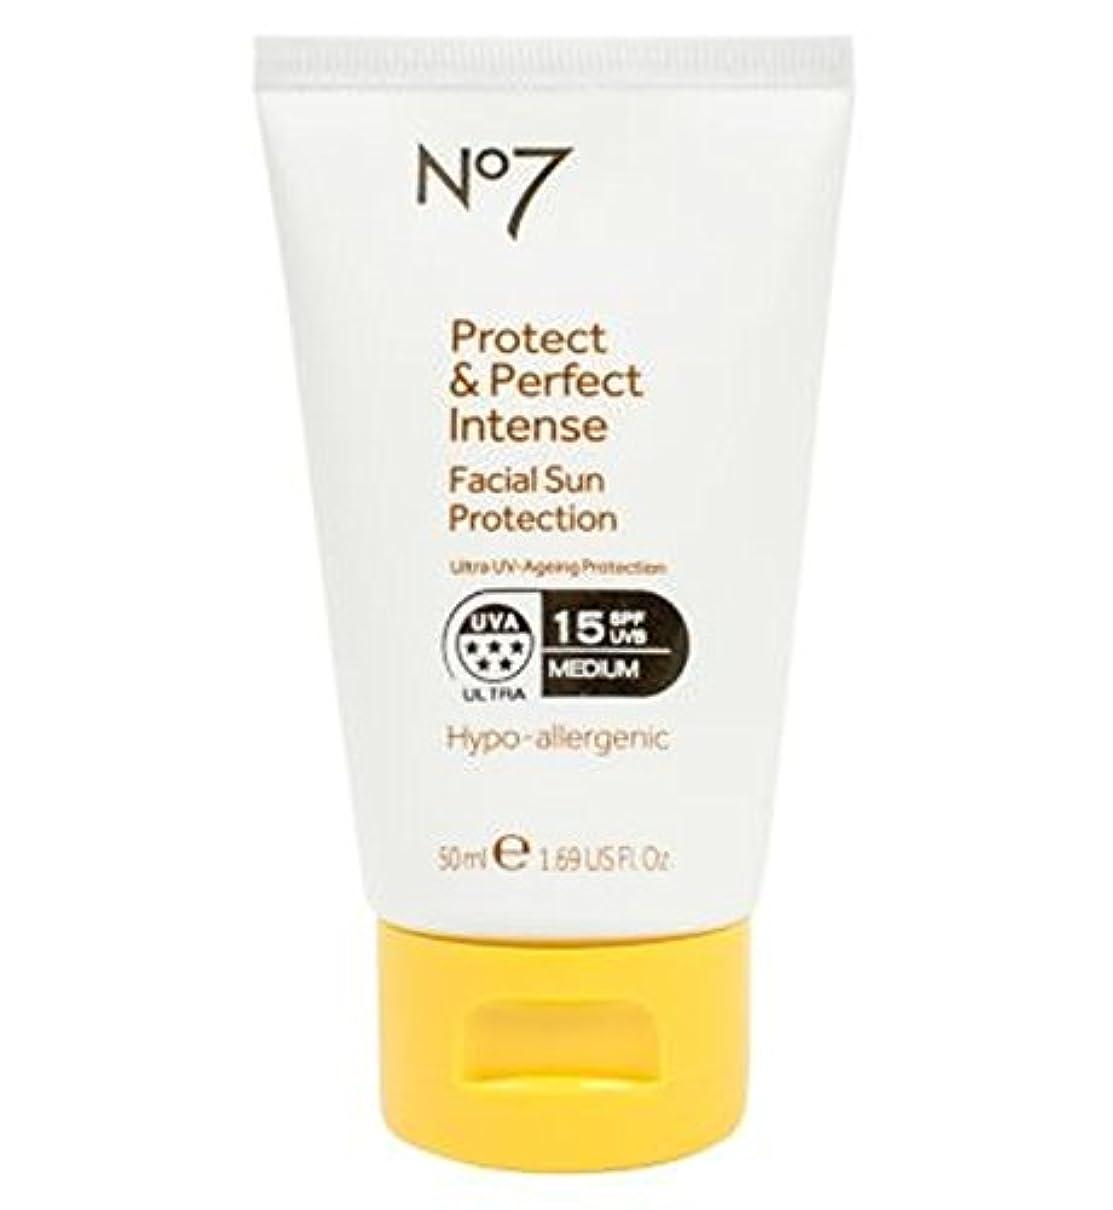 シンプトン贅沢移行No7 Protect & Perfect Intense Facial Sun Protection SPF 15 50ml - No7保護&完璧な強烈な顔の日焼け防止Spf 15 50ミリリットル (No7) [並行輸入品]